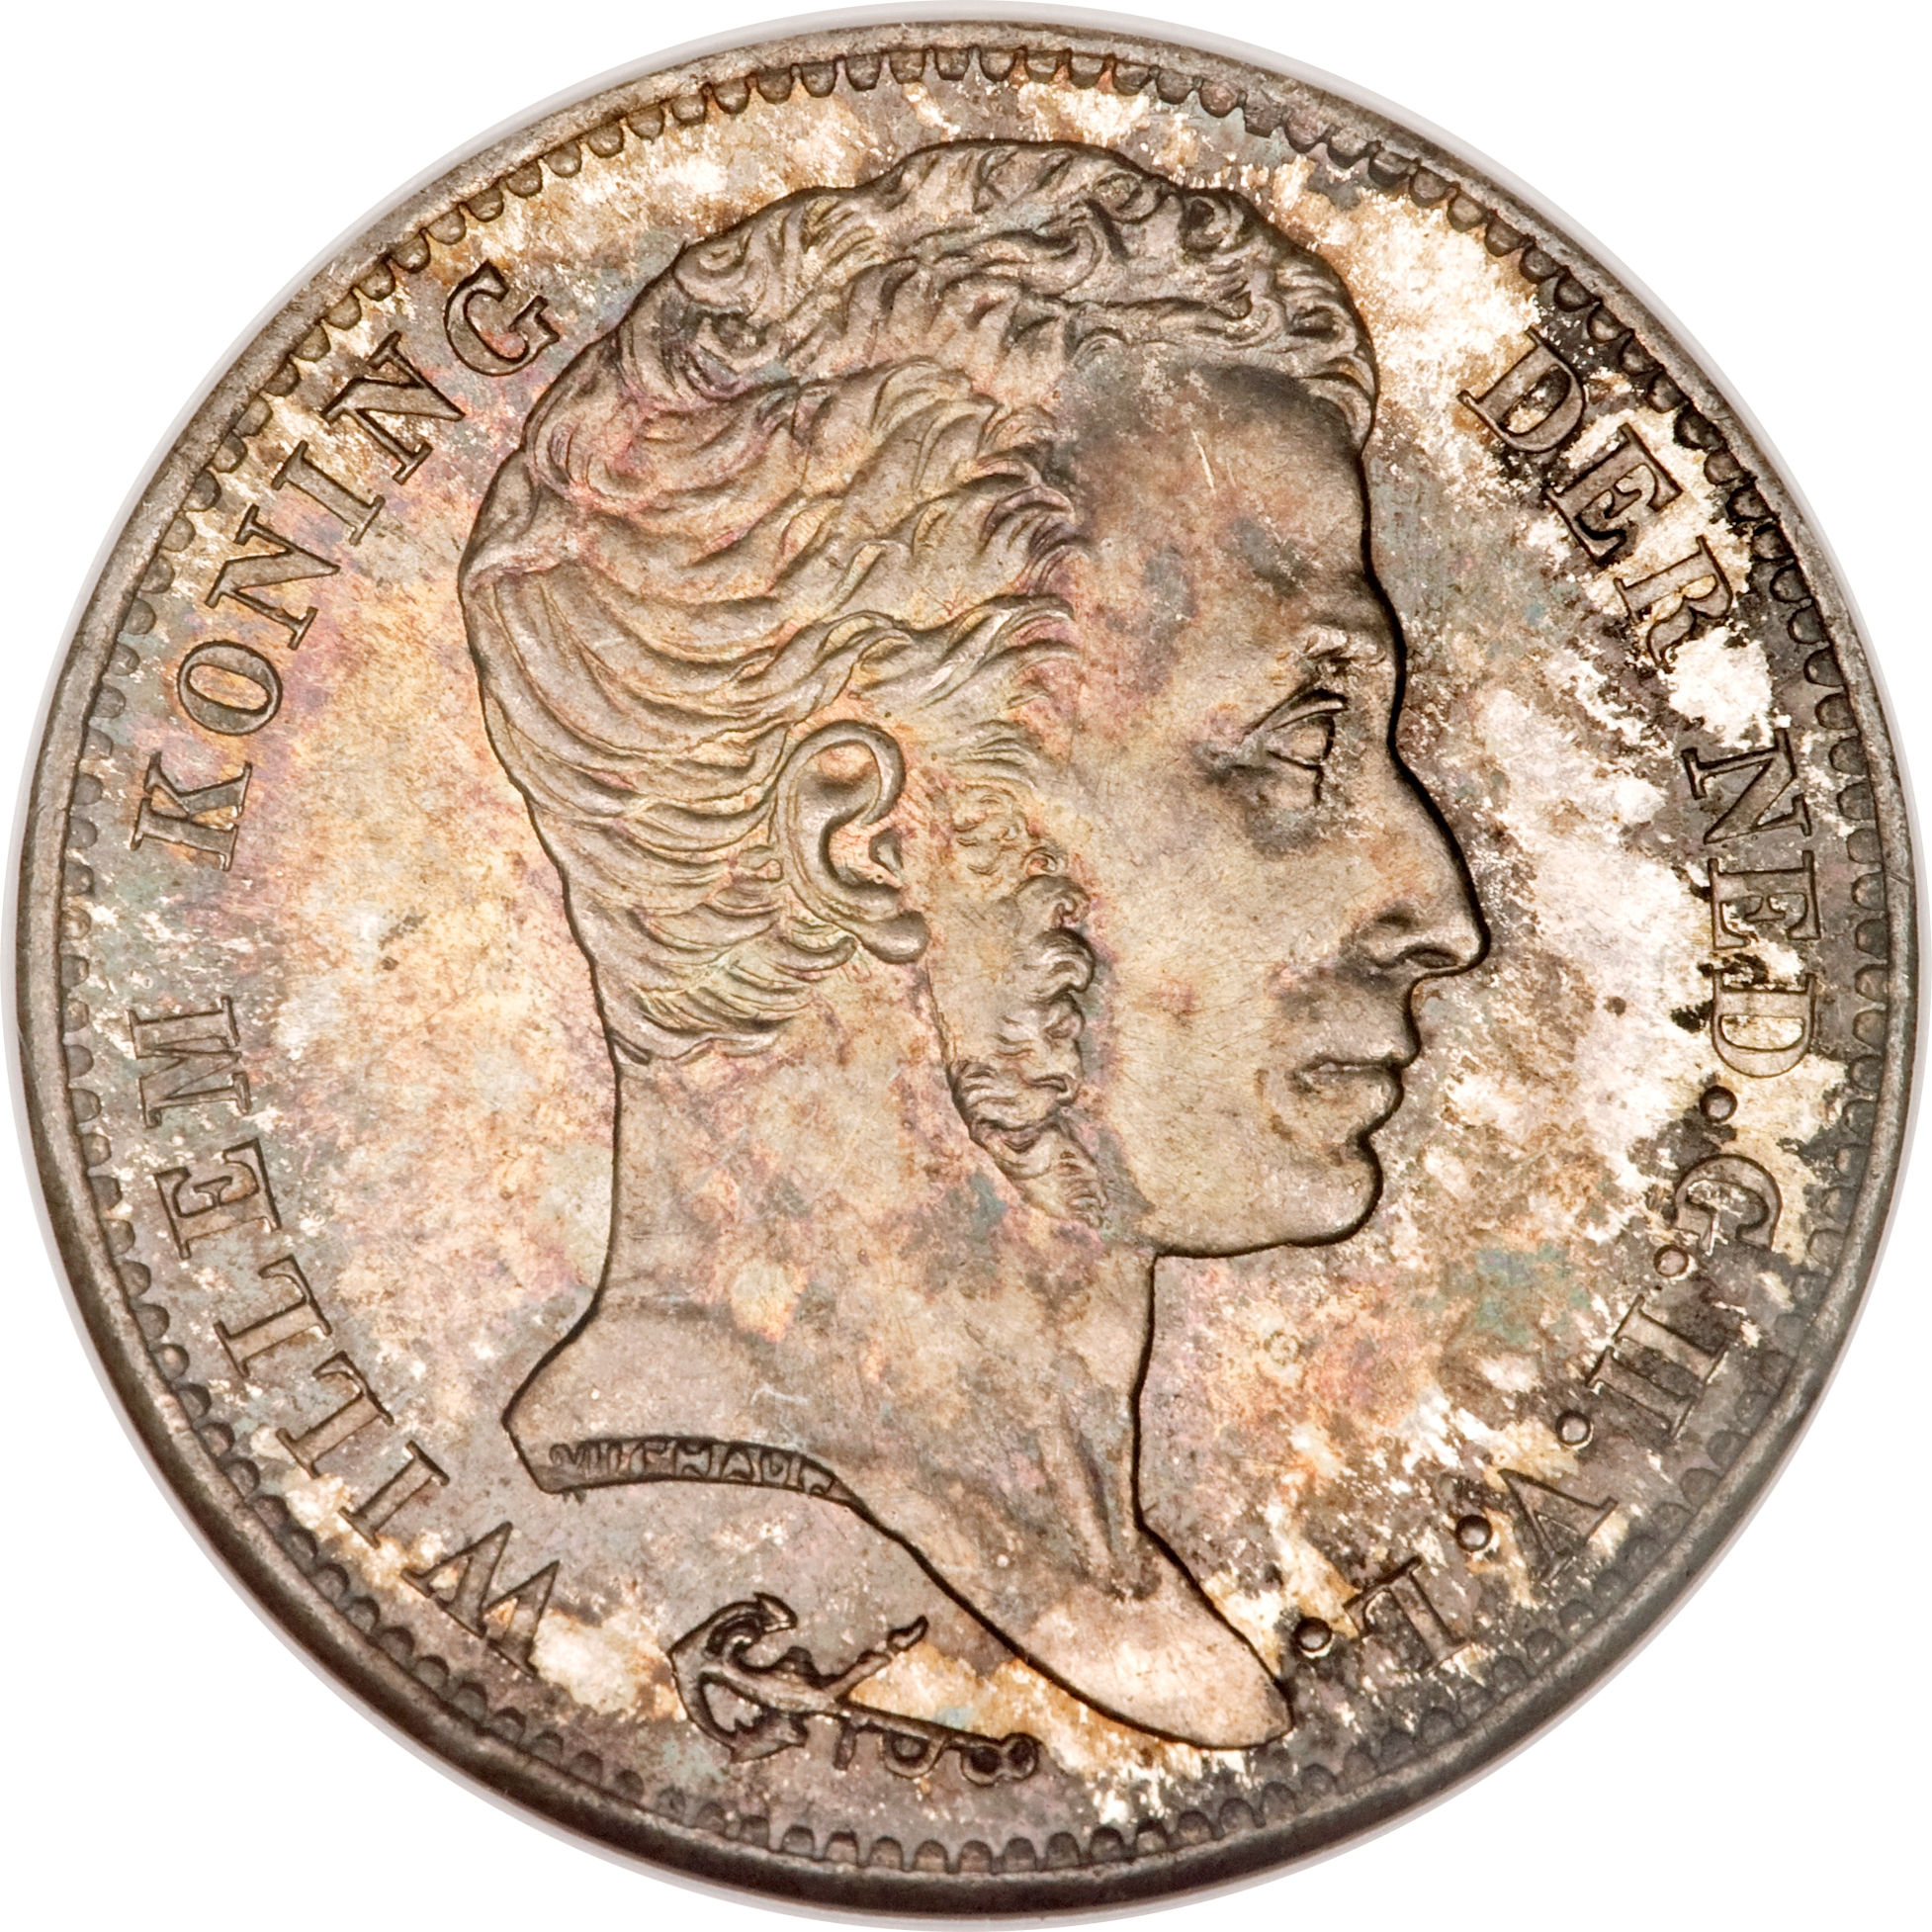 1 Gulden (Netherlands)   World Coins Wiki   FANDOM powered by Wikia